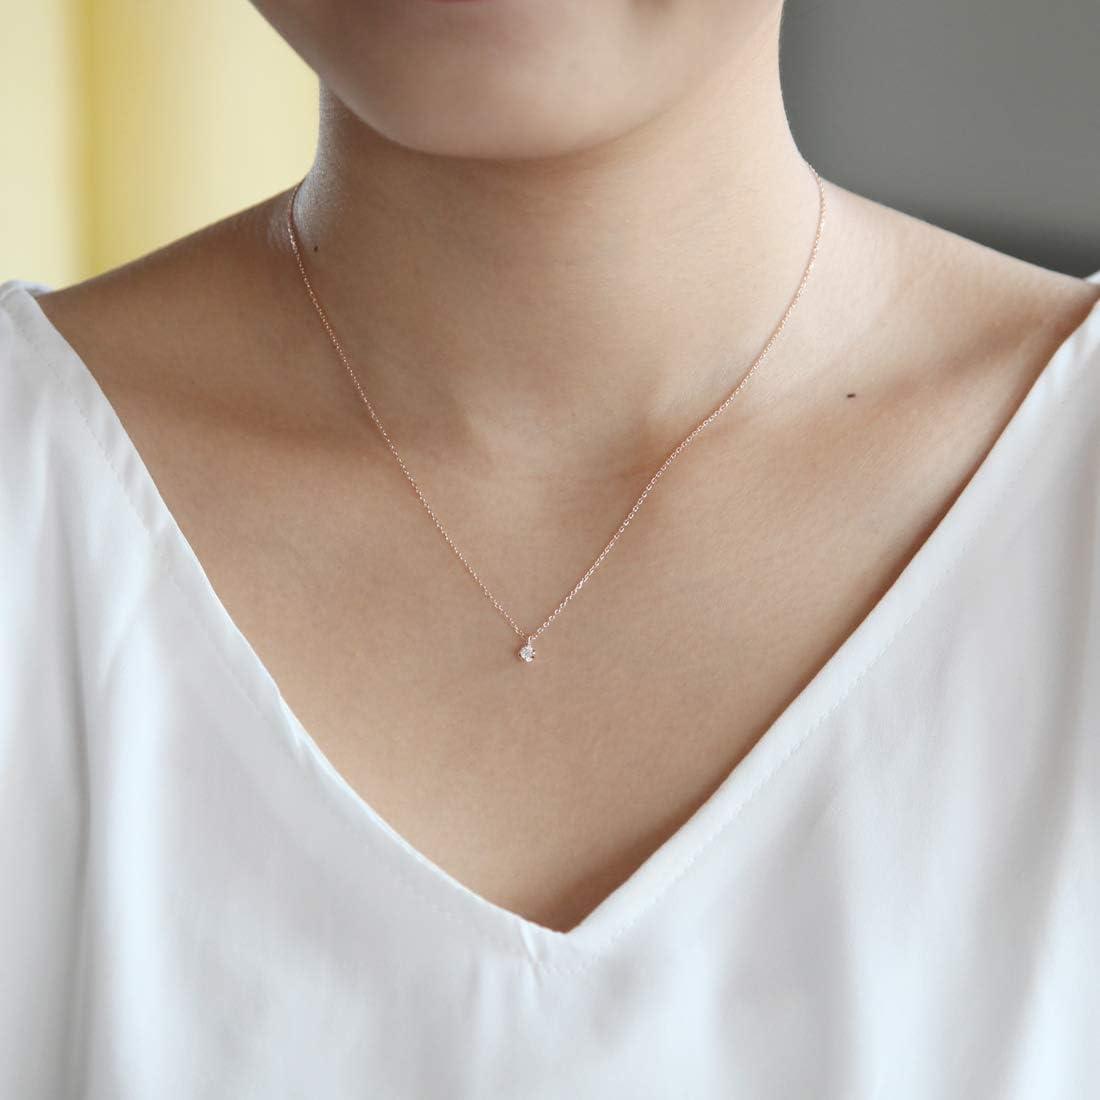 4℃(ヨンドシー) 0.075ctダイヤモンド K10ピンクゴールド(PG) ネックレス 111016123102